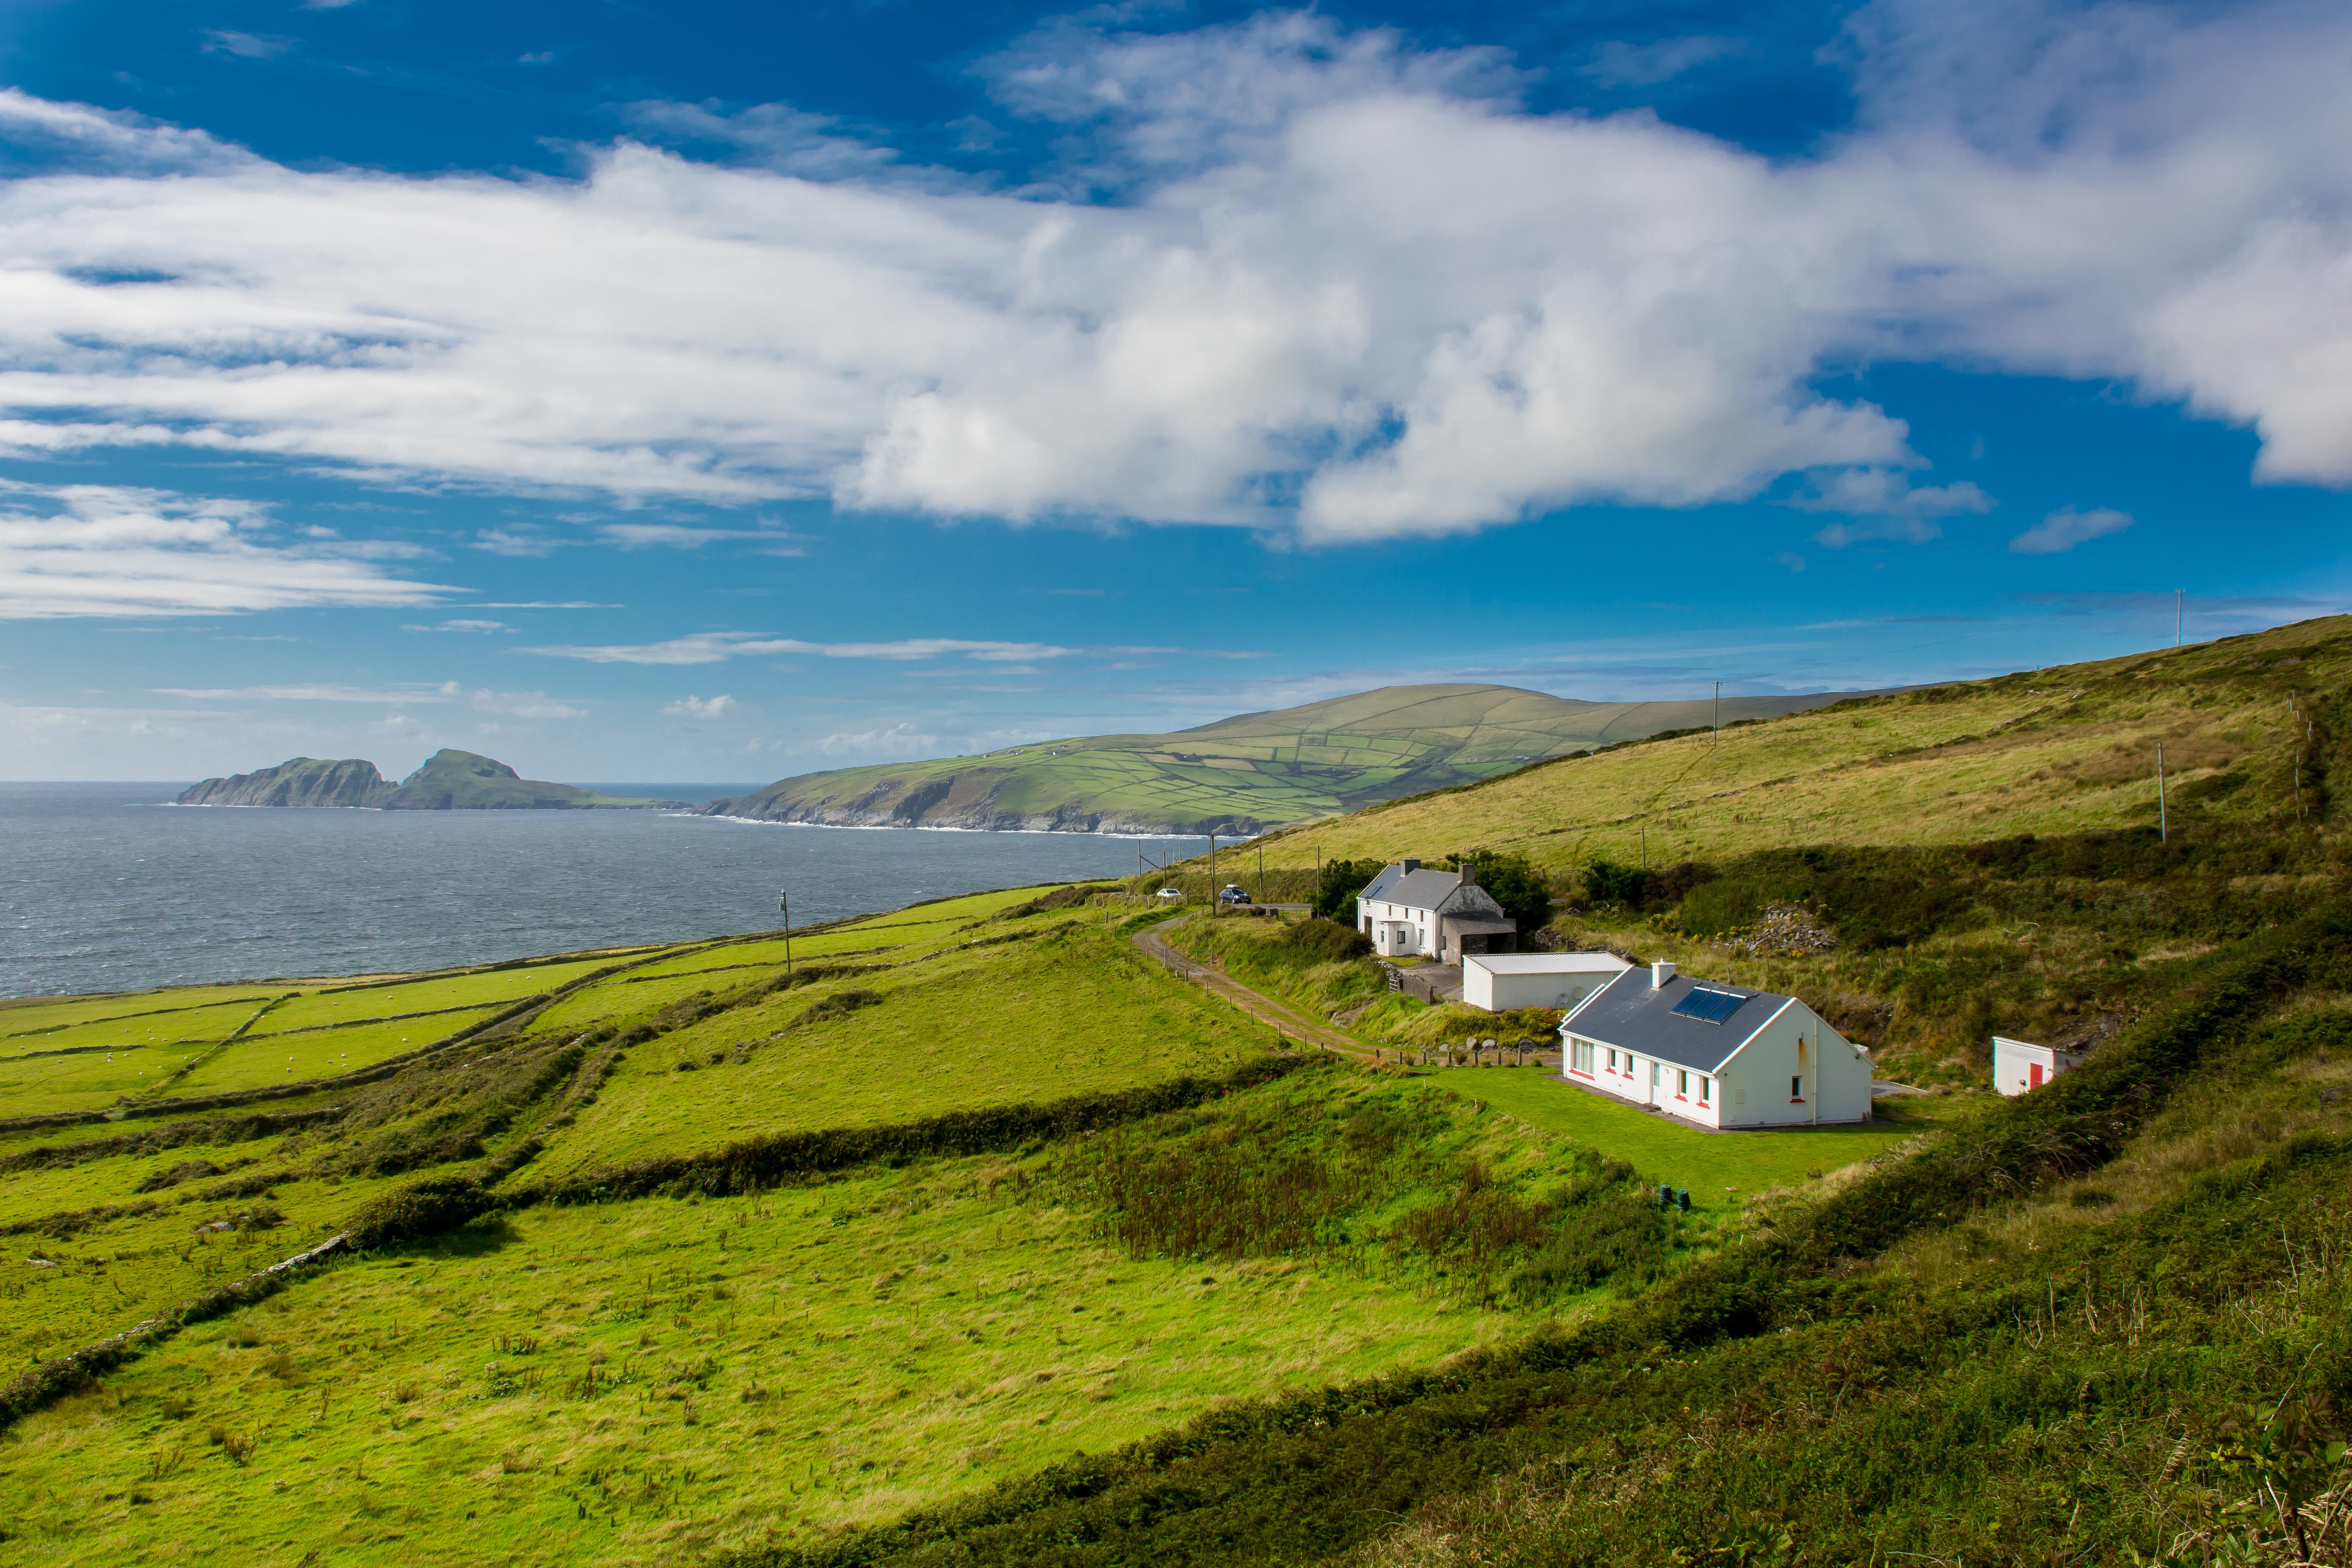 Road Trips durch Irland und Nordirland: Wild Atlantic Way von Donegal nach Cork